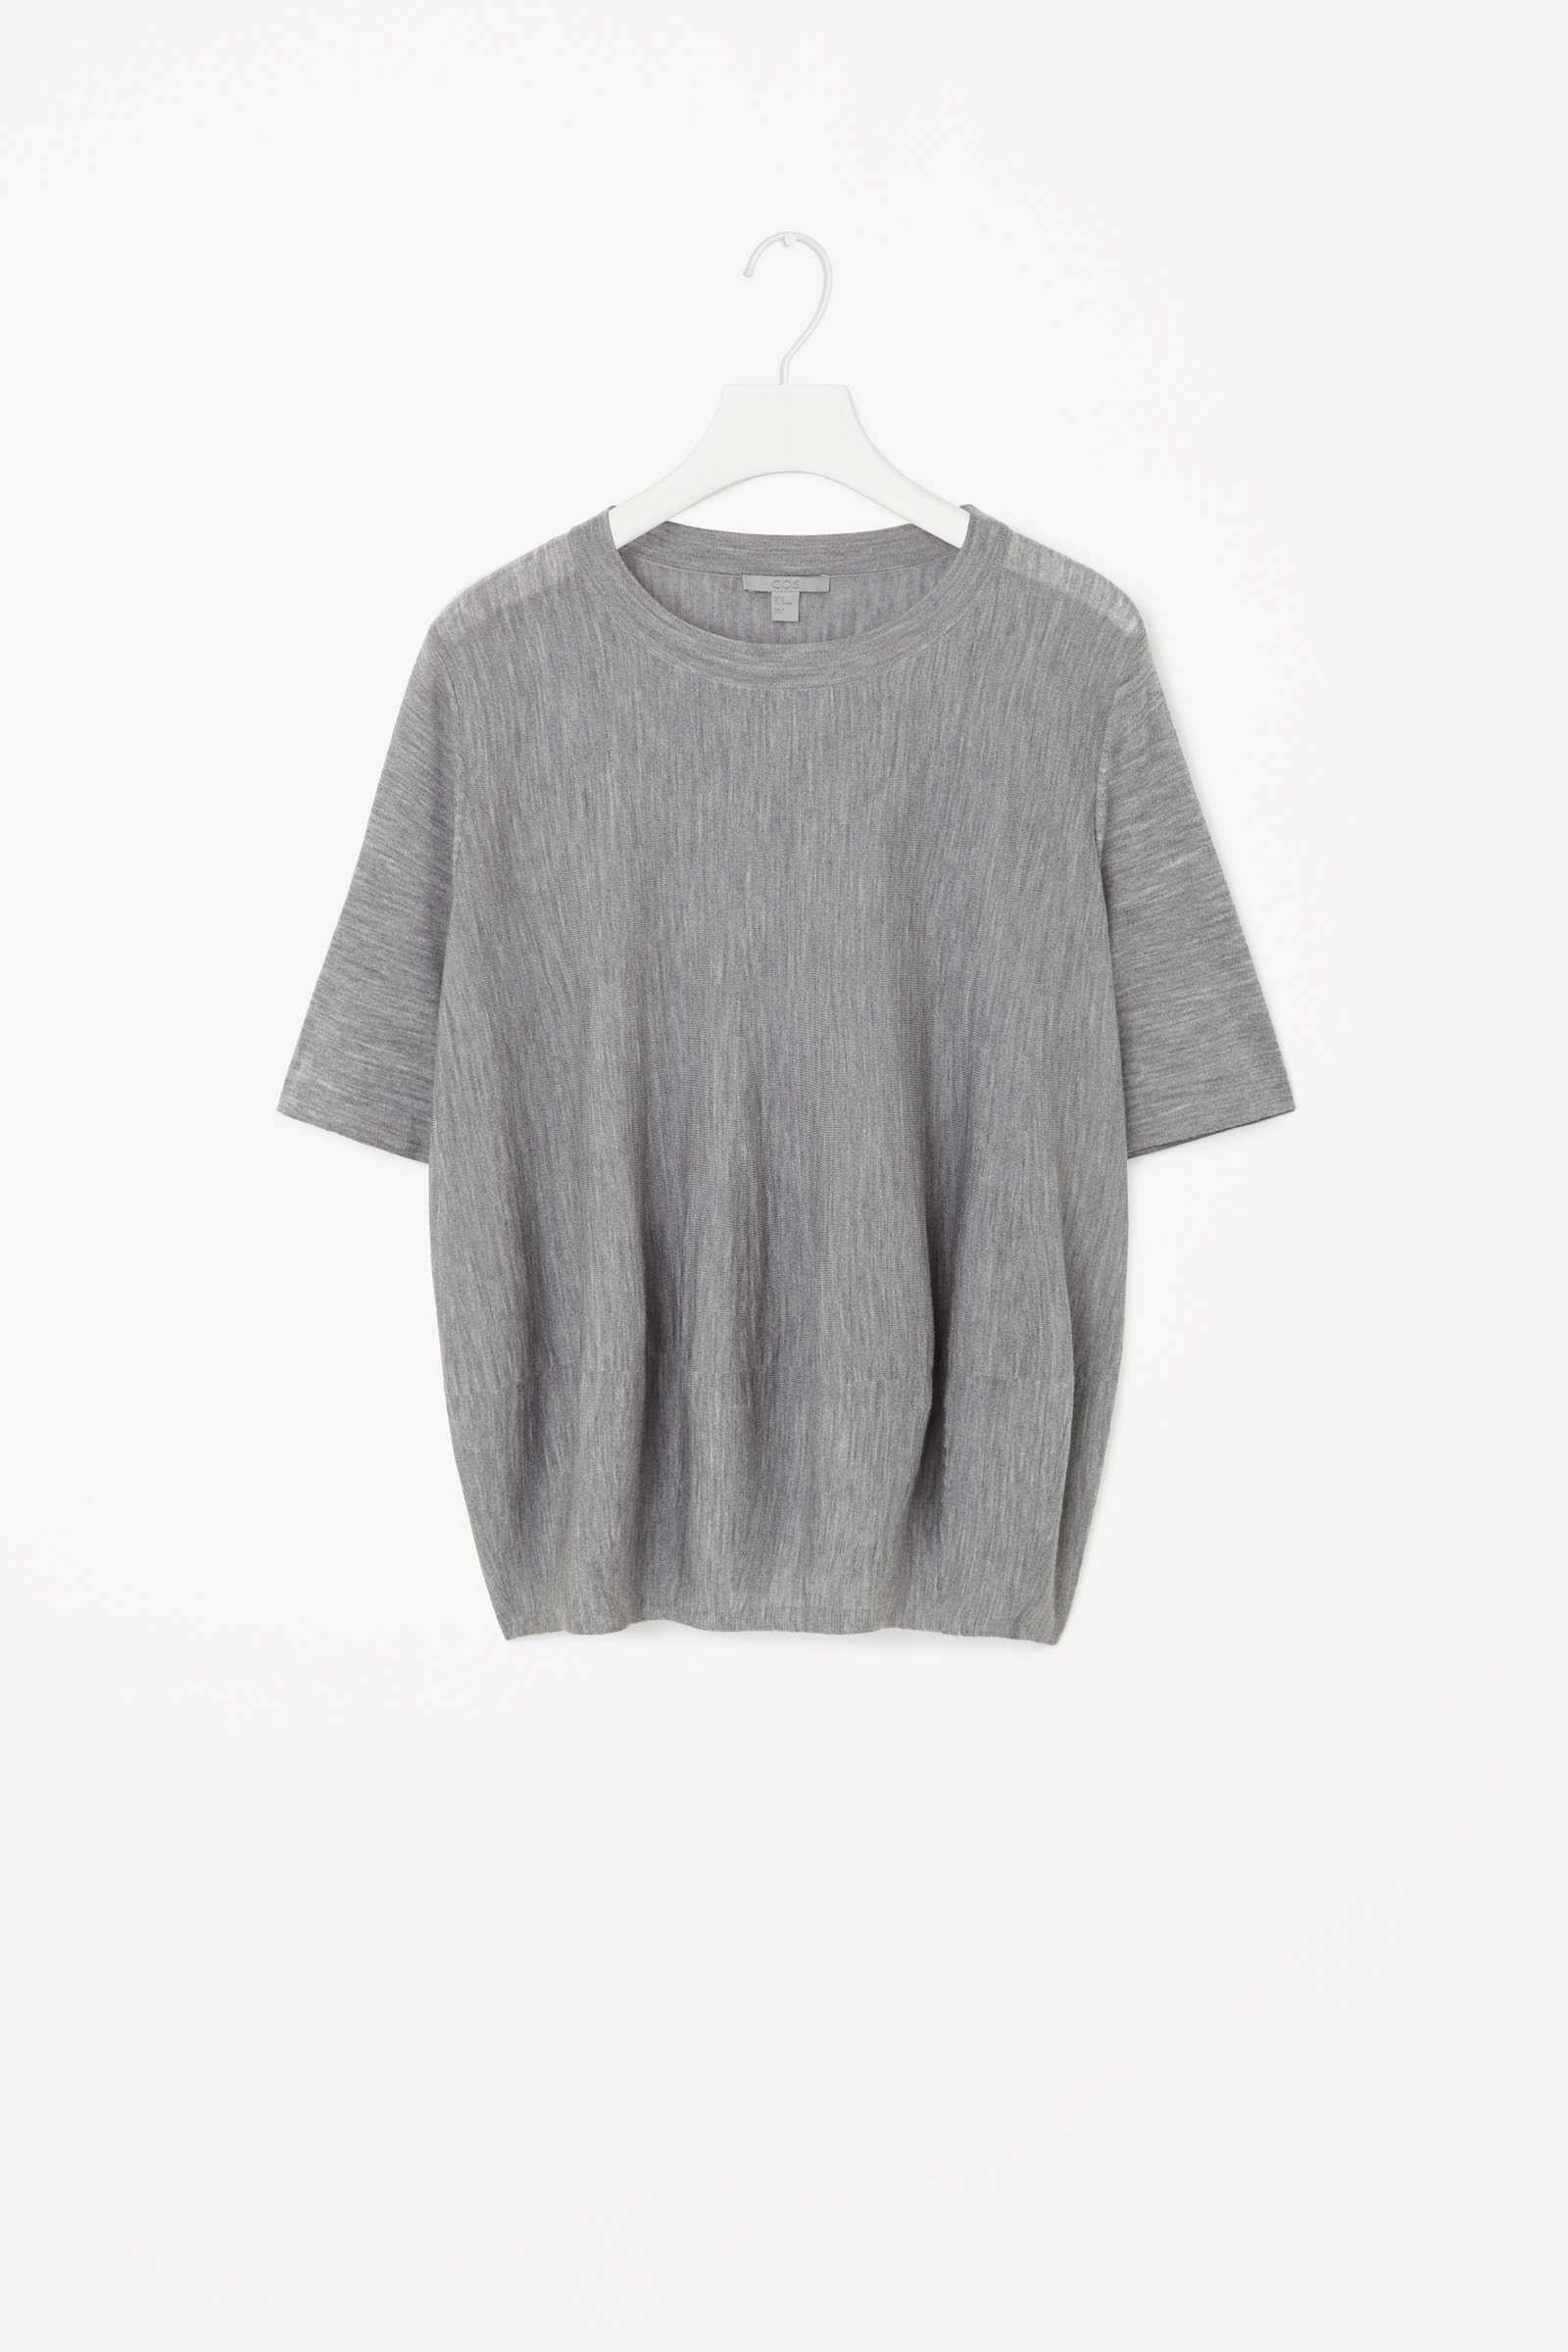 Cos S/S 2015 Mit Bildern  Kleidung